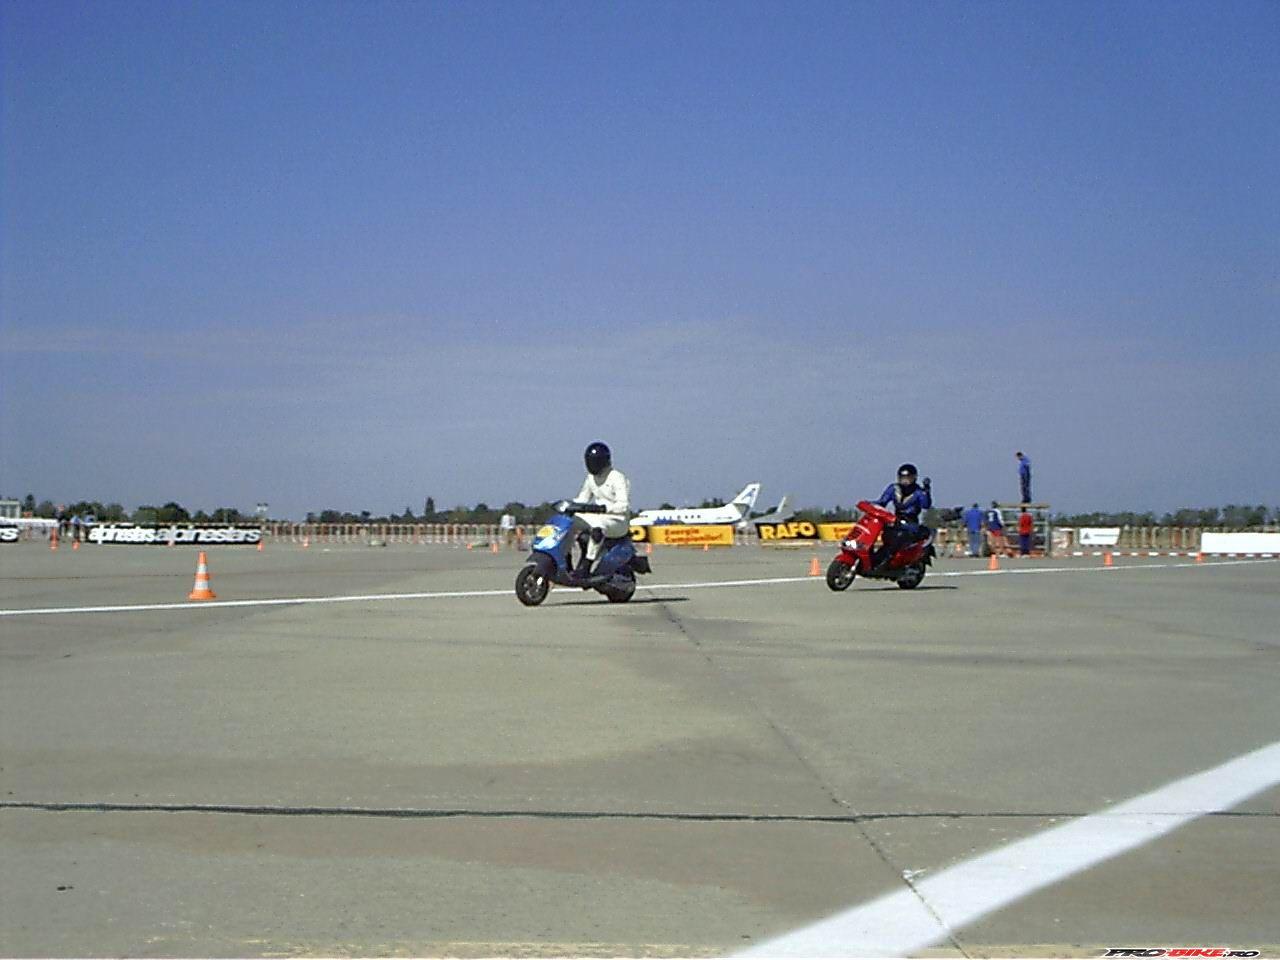 2003-09-07 10-39-40.jpg